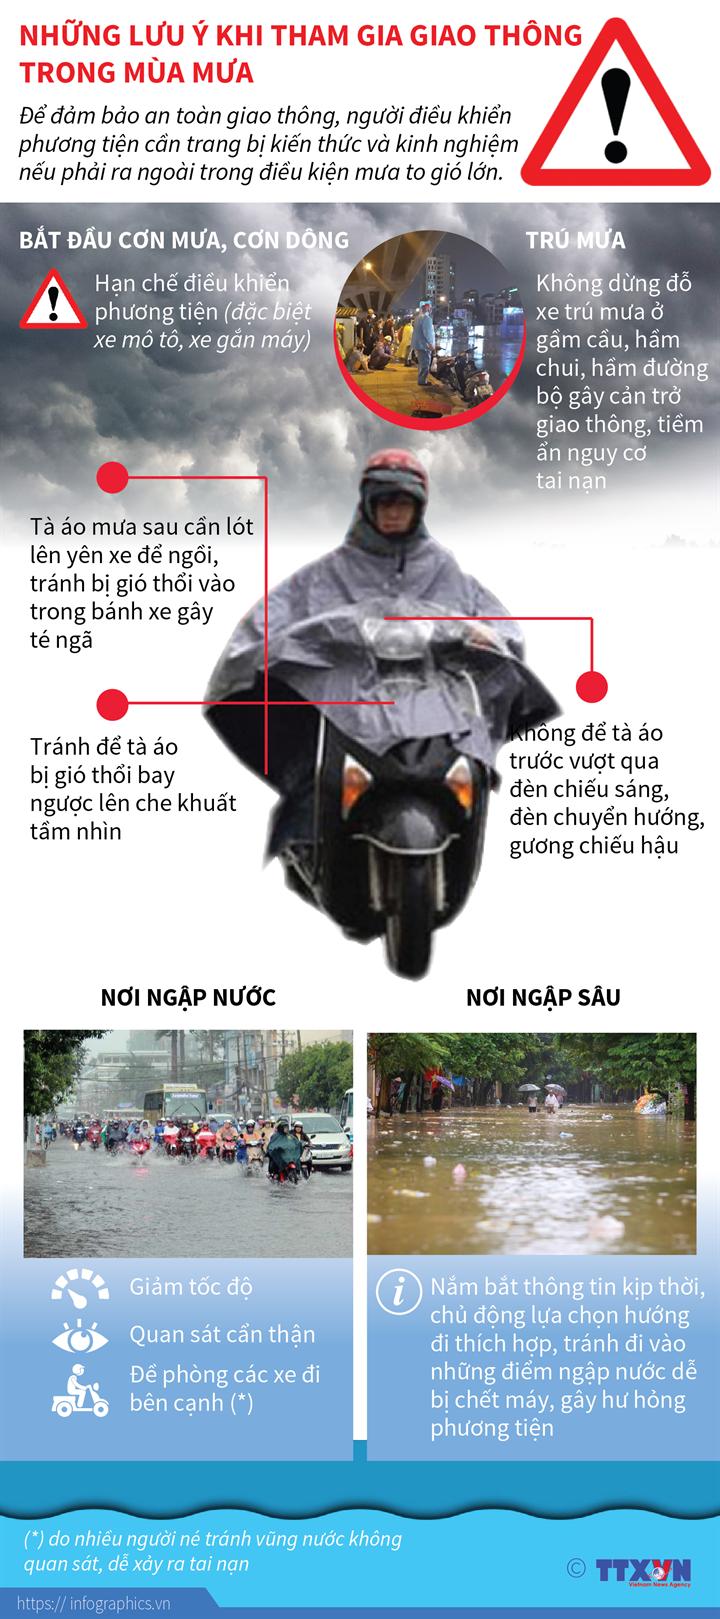 Những lưu ý khi tham gia giao thông trong mùa mưa